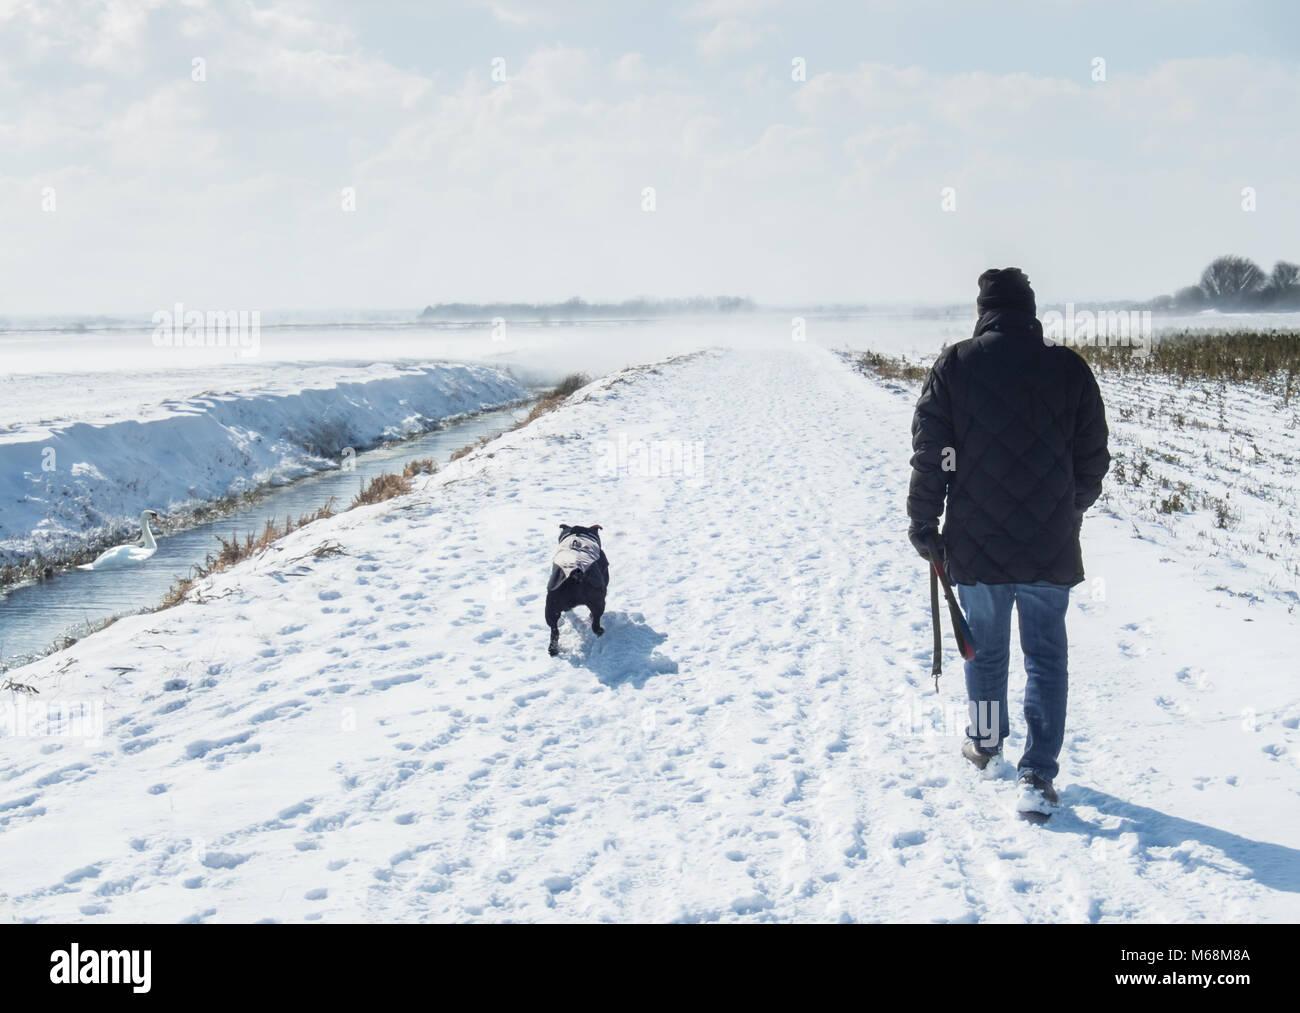 Hombre caminando en un enorme abrigo negro de staffordshire bull terrier, perro en un día de invierno con nieve en el suelo y el viento soplando a través de los campos de nieve en Kent. Foto de stock